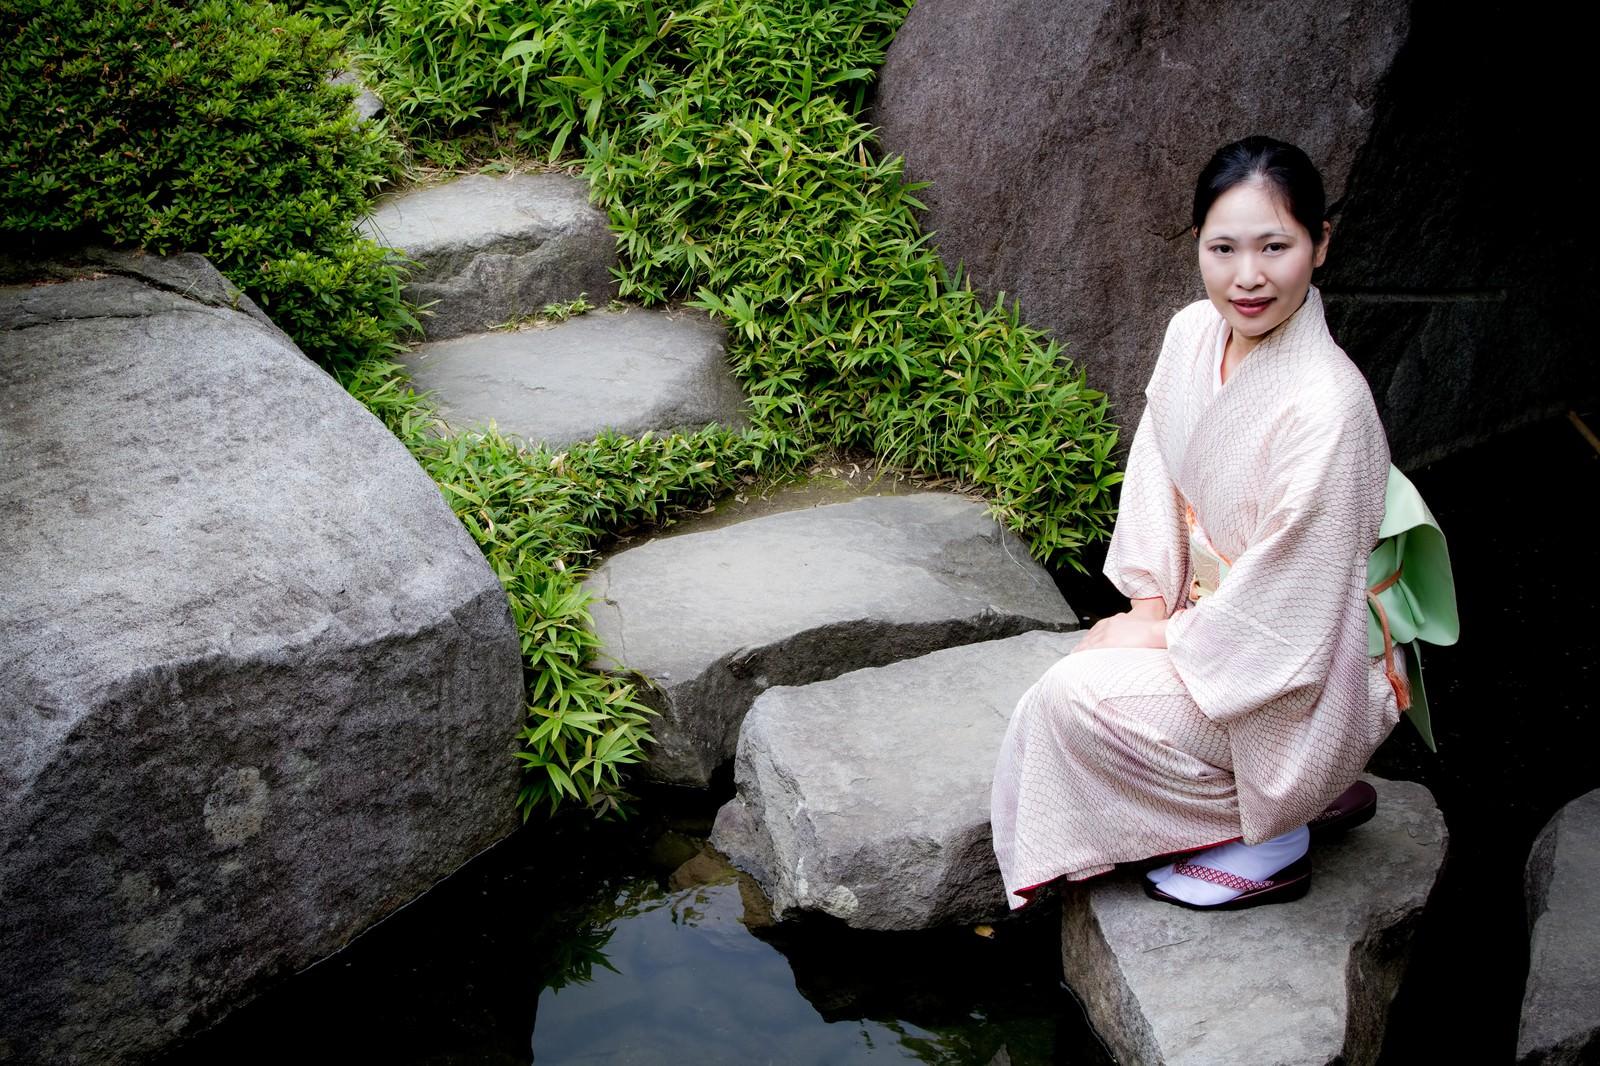 「池の踏石にしゃがみこむ着物の女性」の写真[モデル:きせんひろみ]